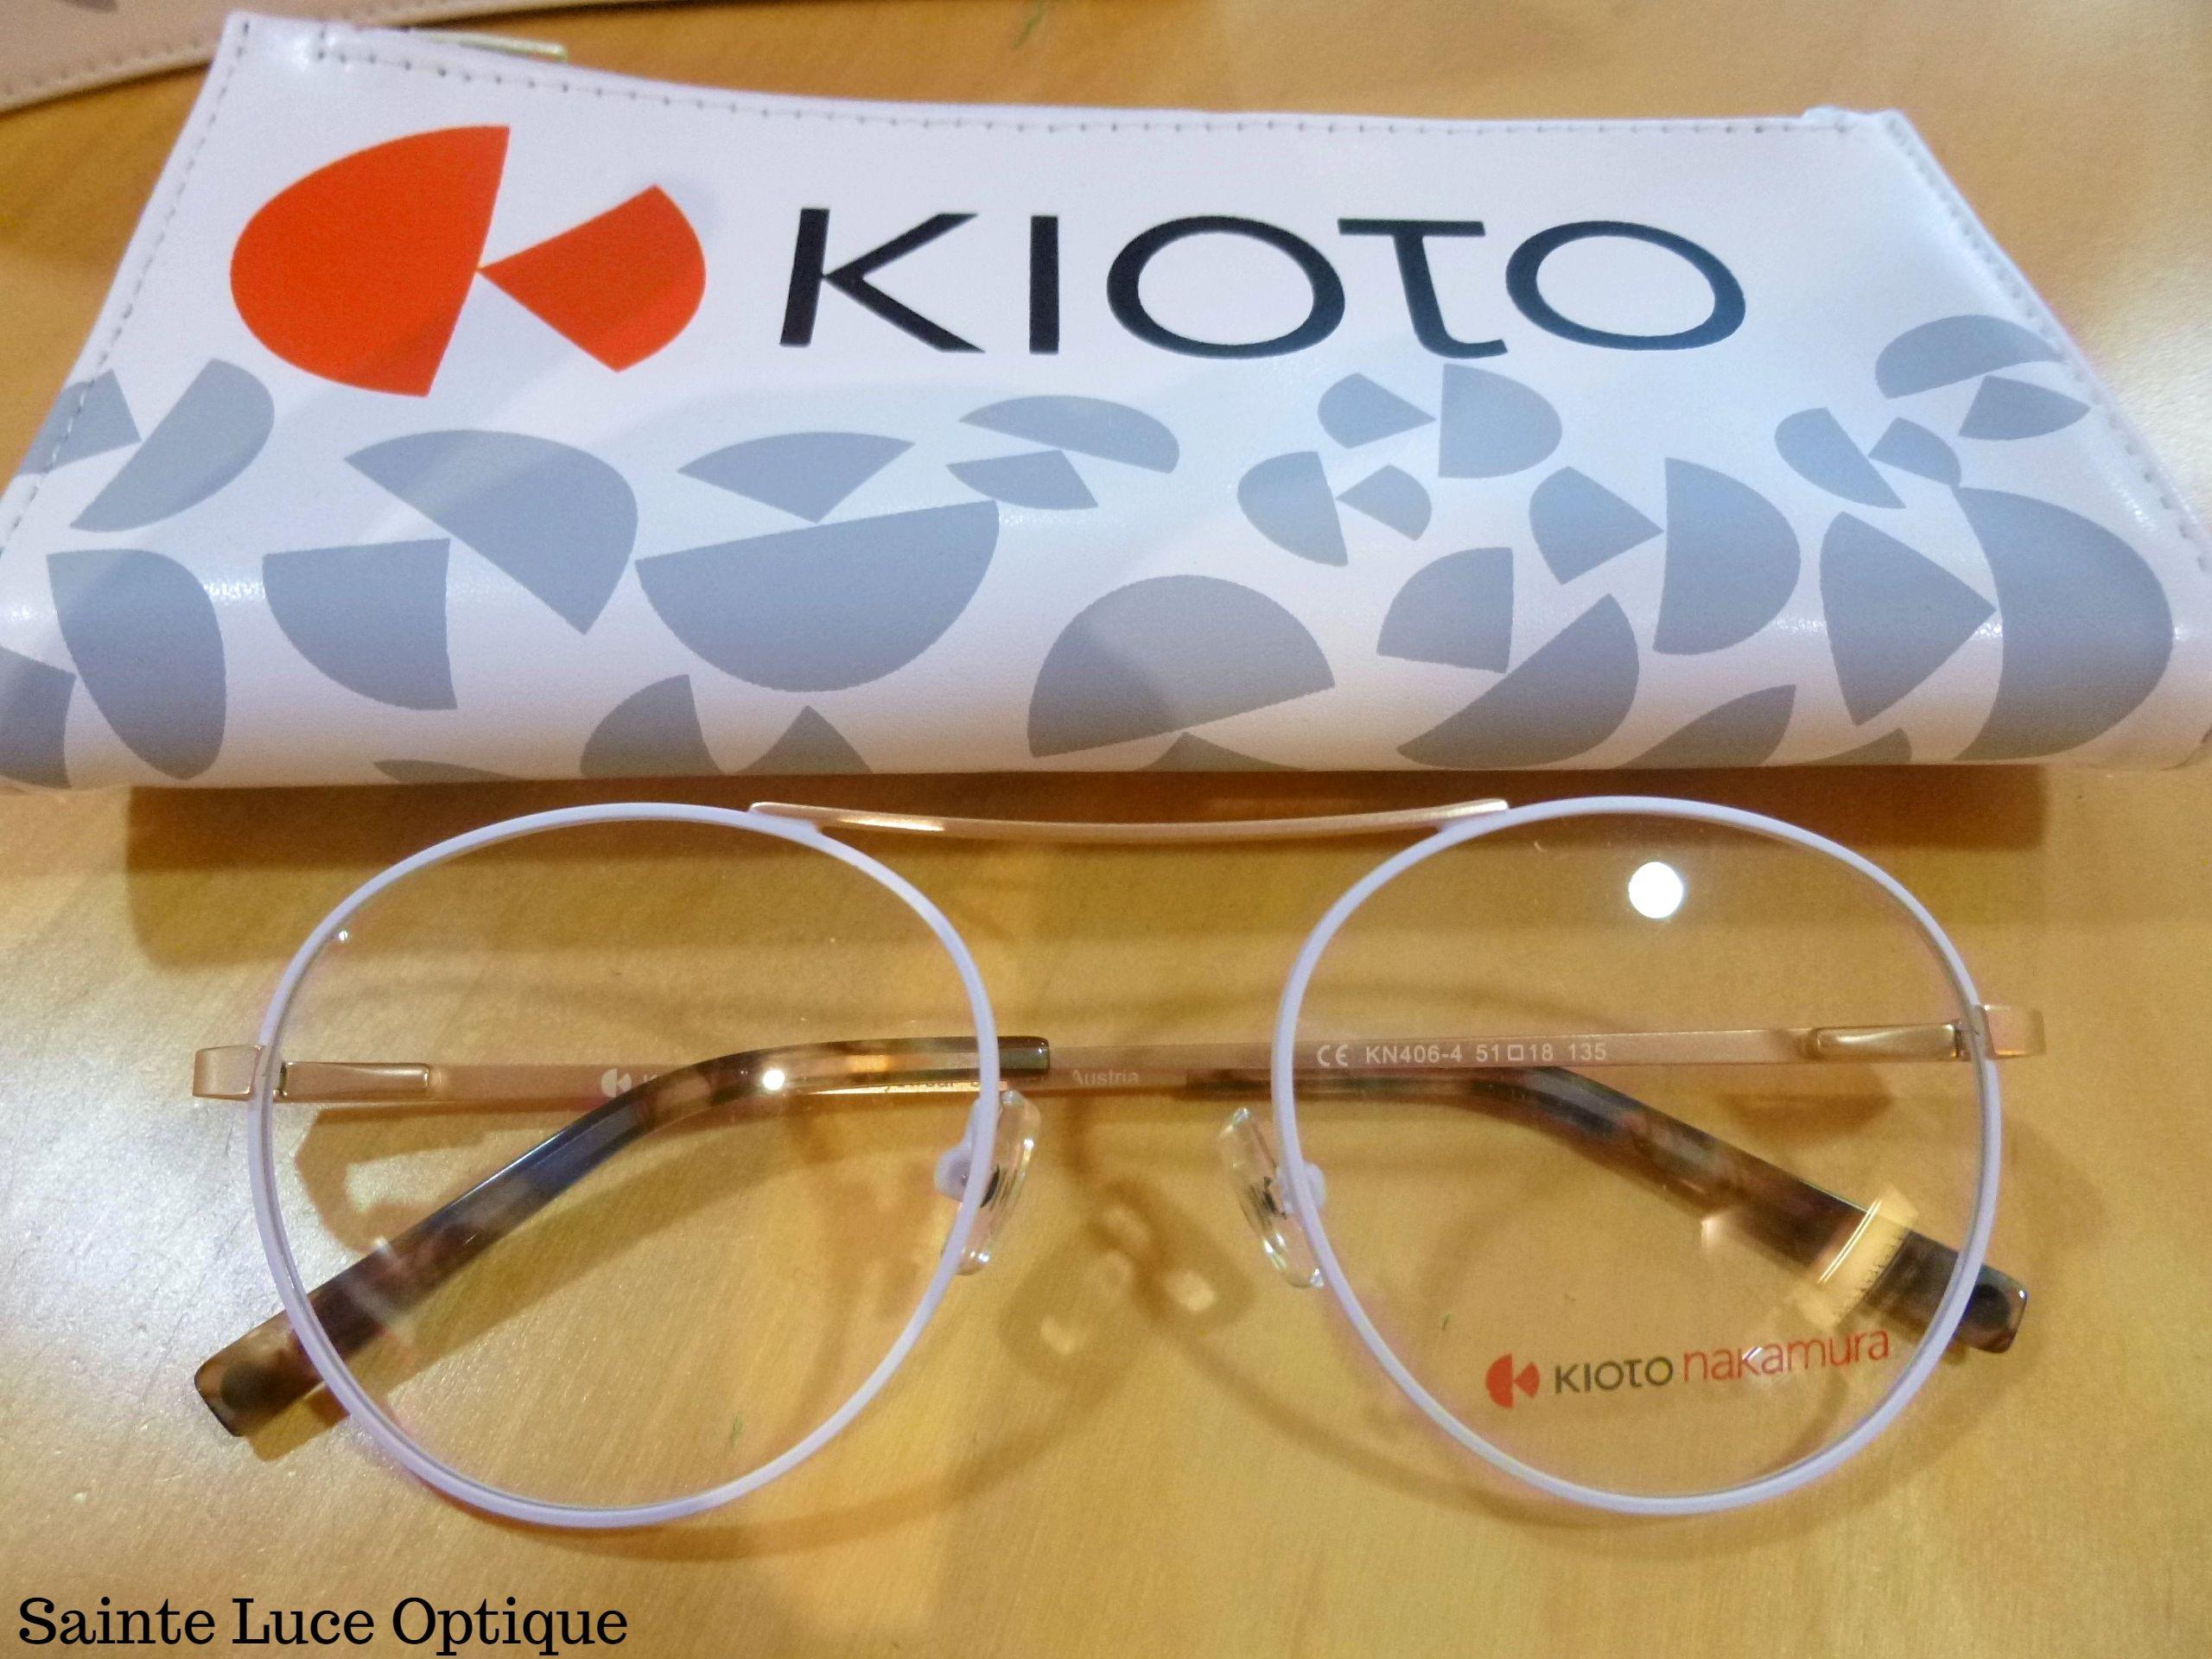 Venez découvrir les Kioto nakamura à Sainte Luce Optique!